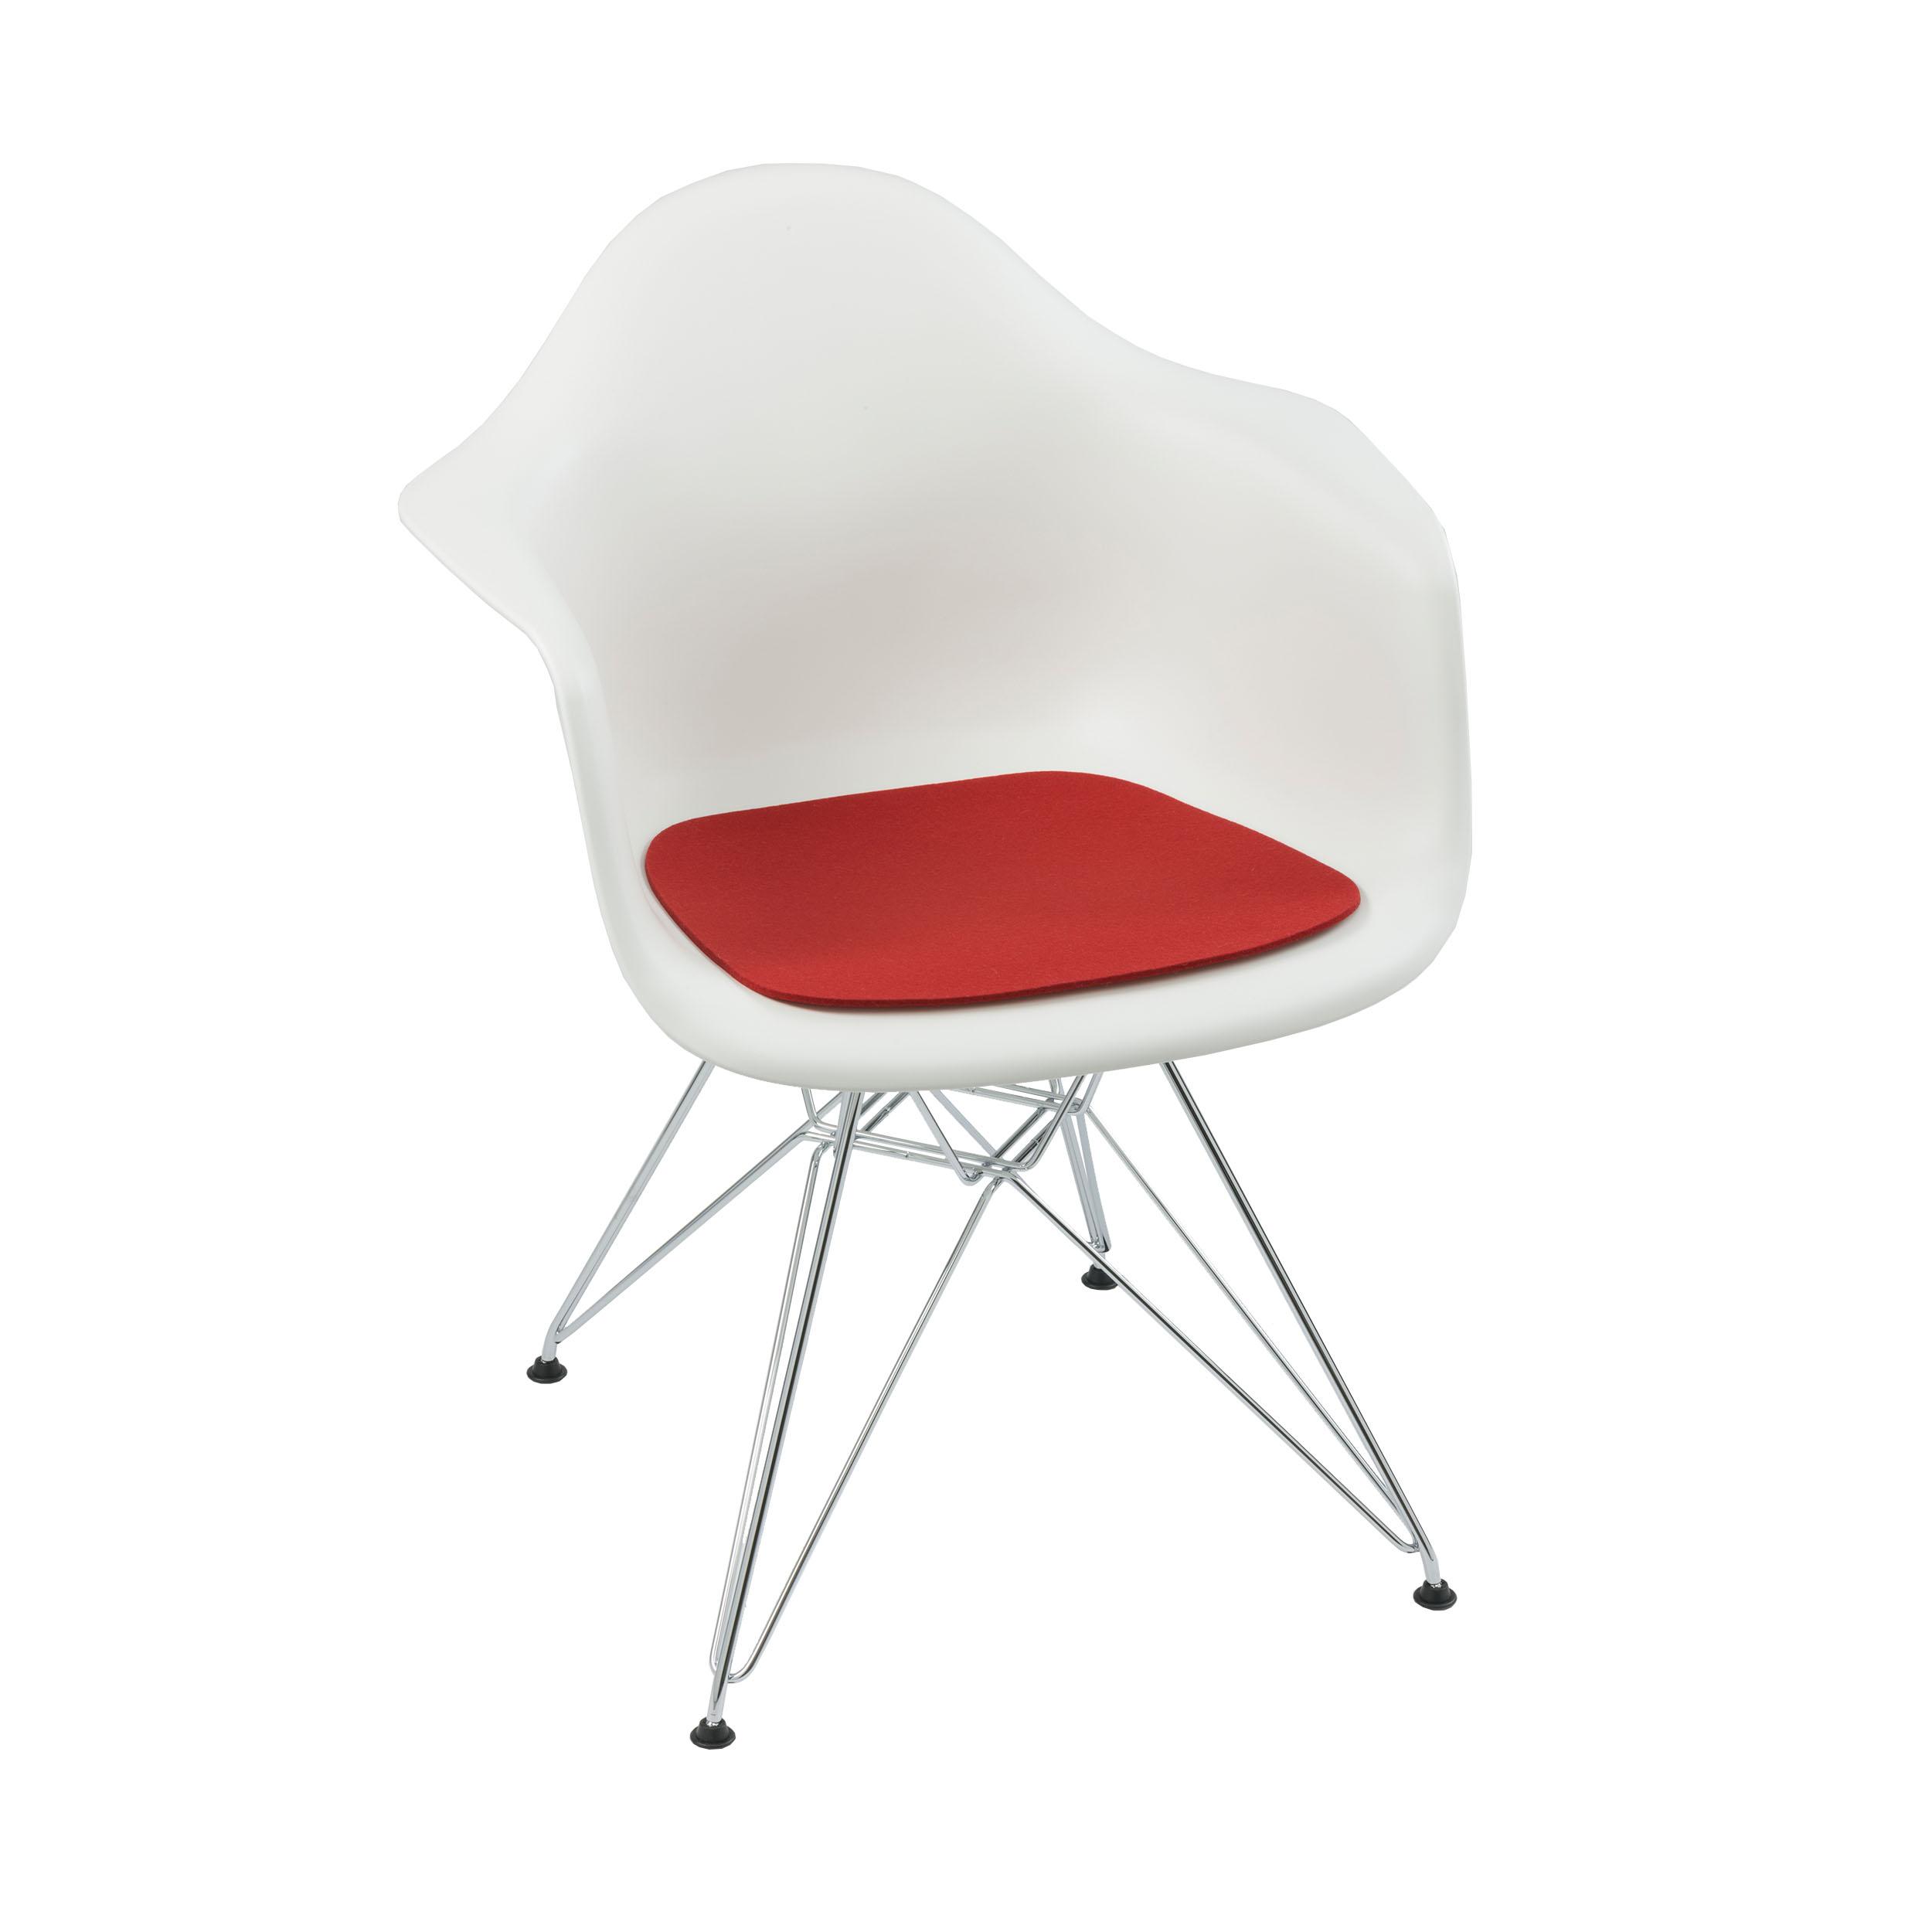 Sitzauflage 1-lagig für Eames Armchair